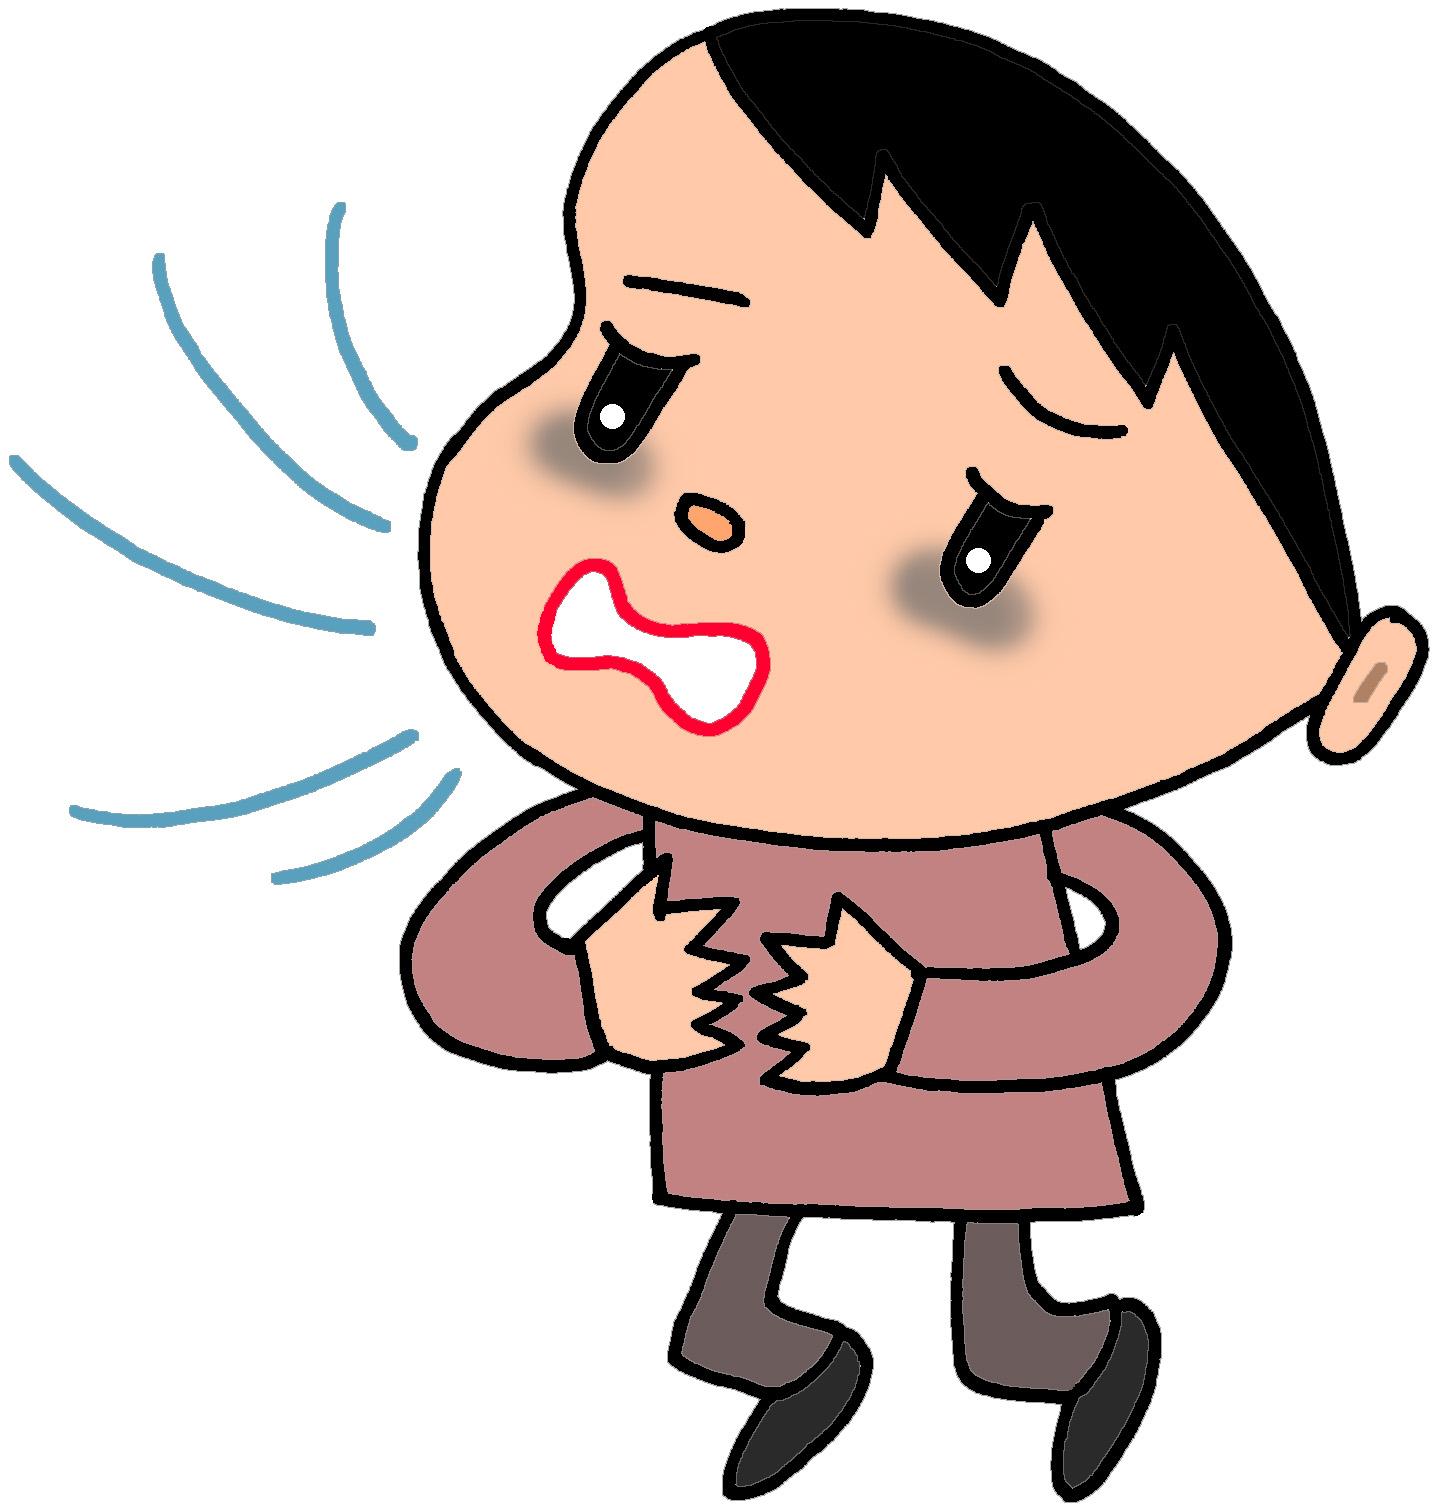 喘息の薬フルティフォームの副作用により呼吸困難に